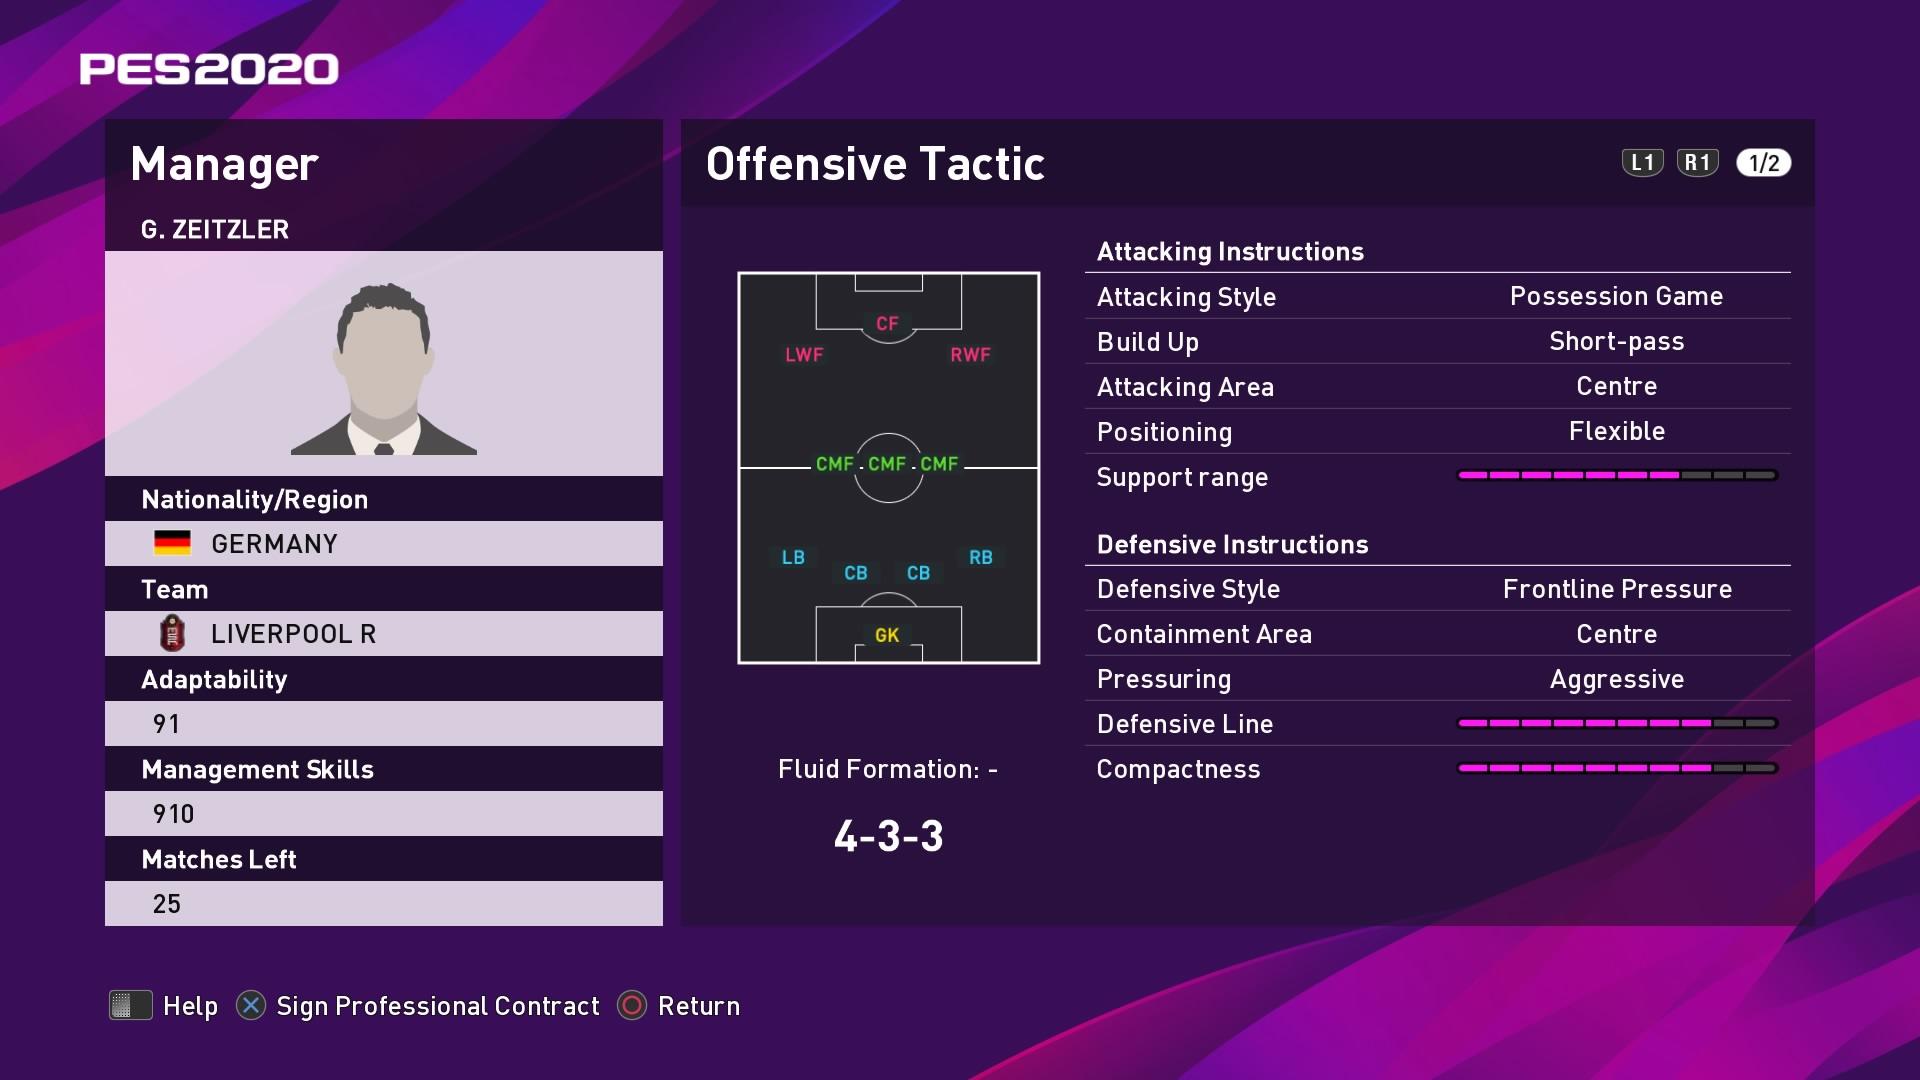 G. Zeitzler (Jürgen Klopp) Offensive Tactic in PES 2020 myClub